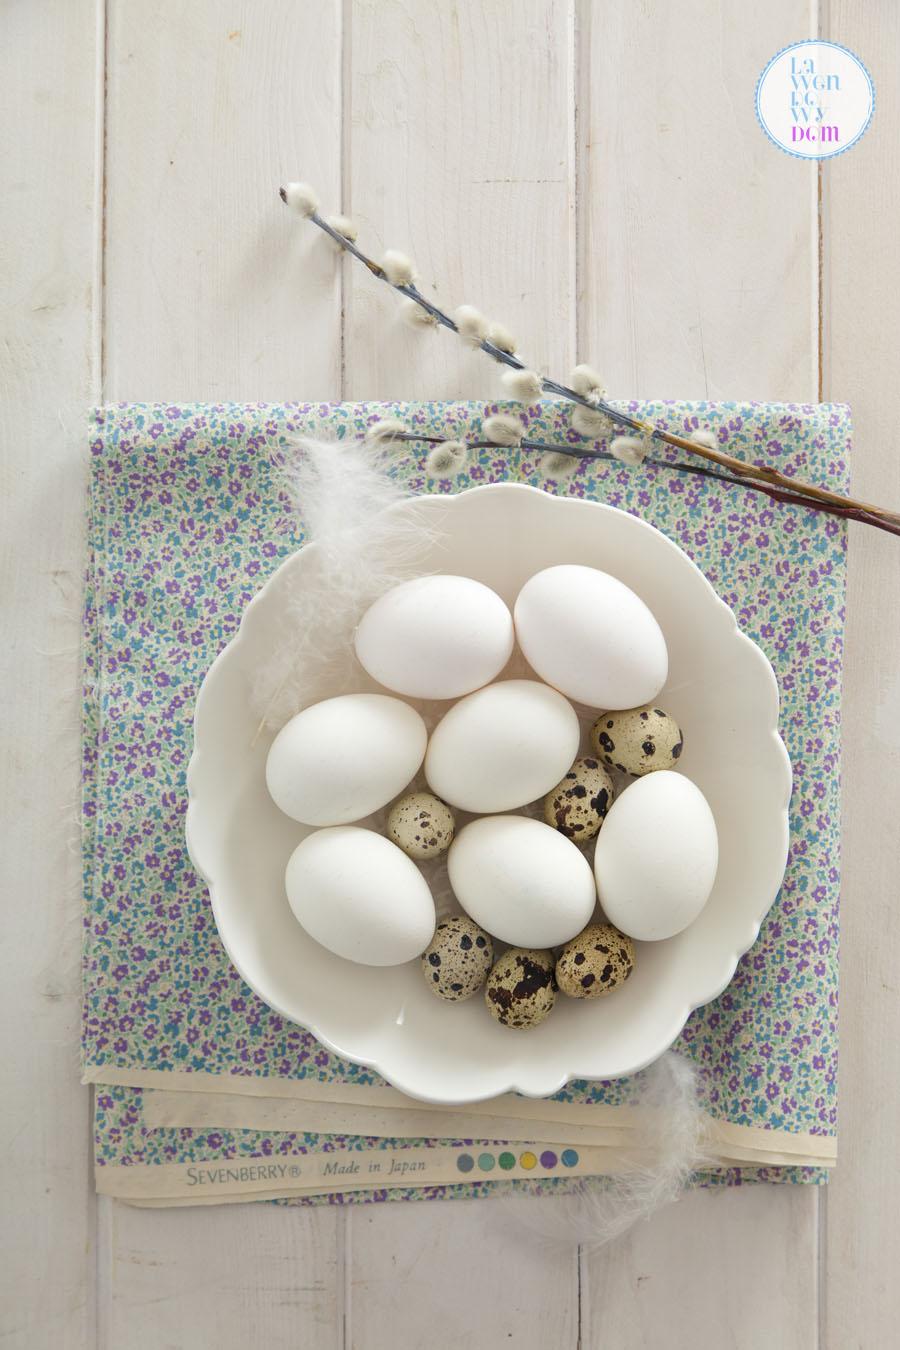 naturalne-sposoby-barwienia-jajek-wielkanocnych01